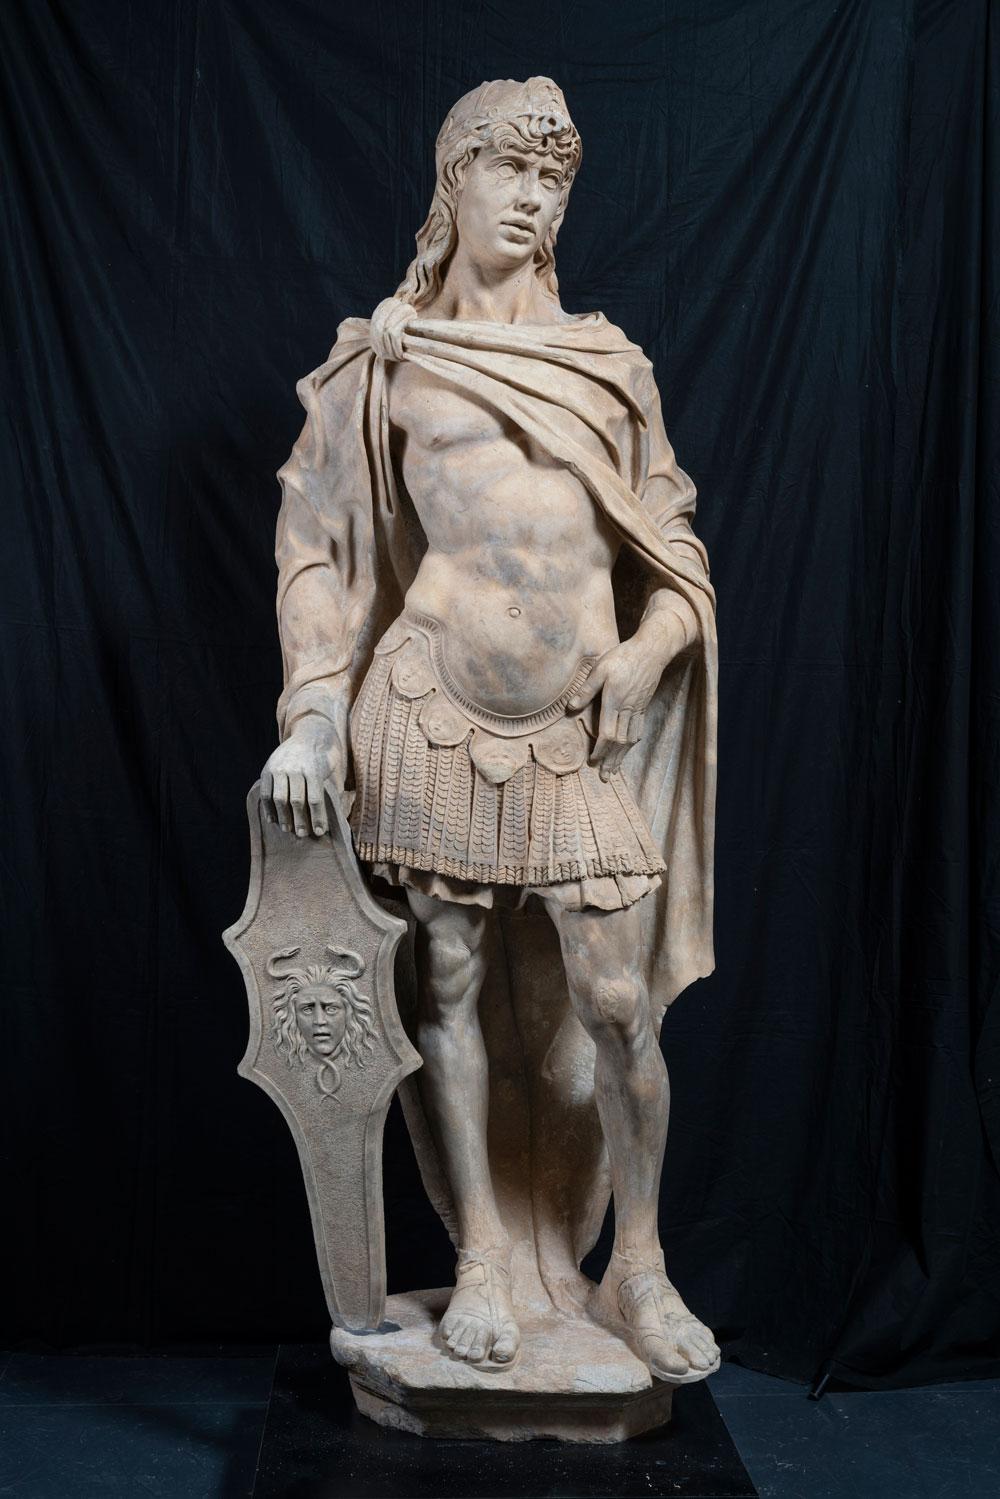 Palazzo Ducale di Venezia espone eccezionalmente dopo il restauro le statue di Antonio Rizzo